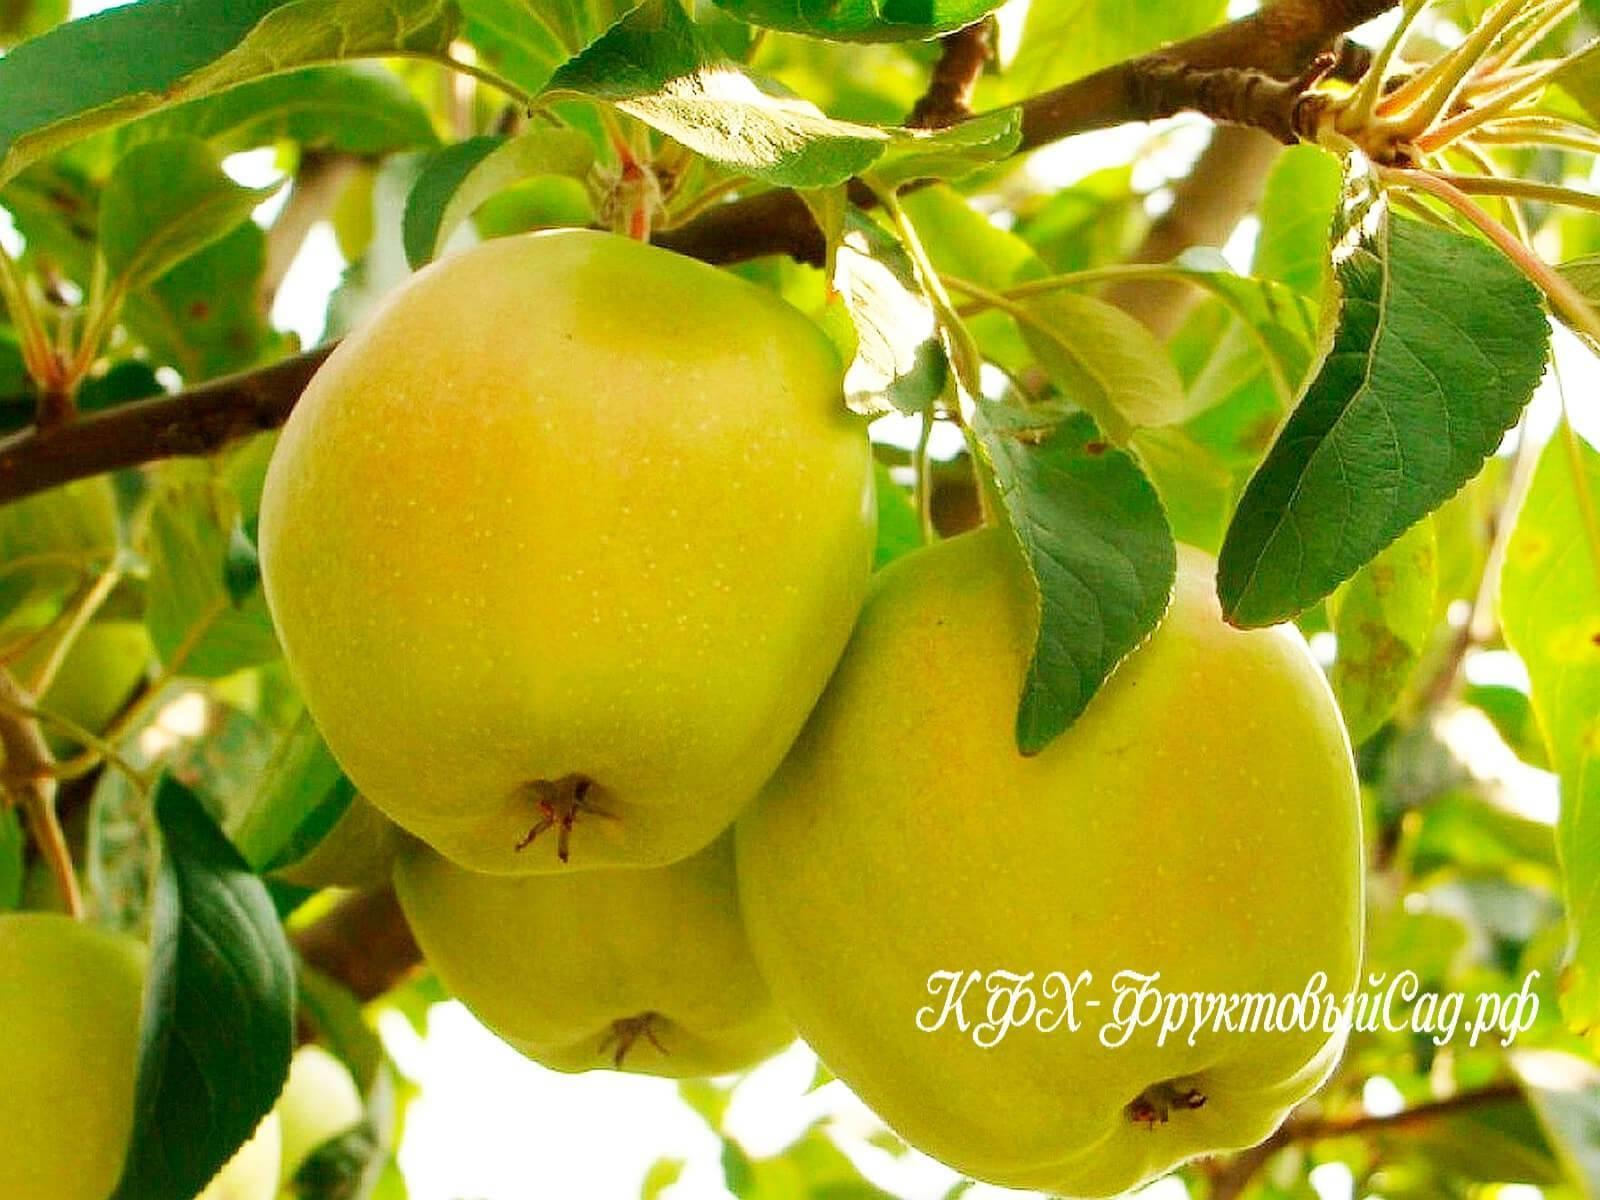 Характеристики и описание сорта яблонь теллиссааре, сроки плодоношения и устойчивость к заболеваниям